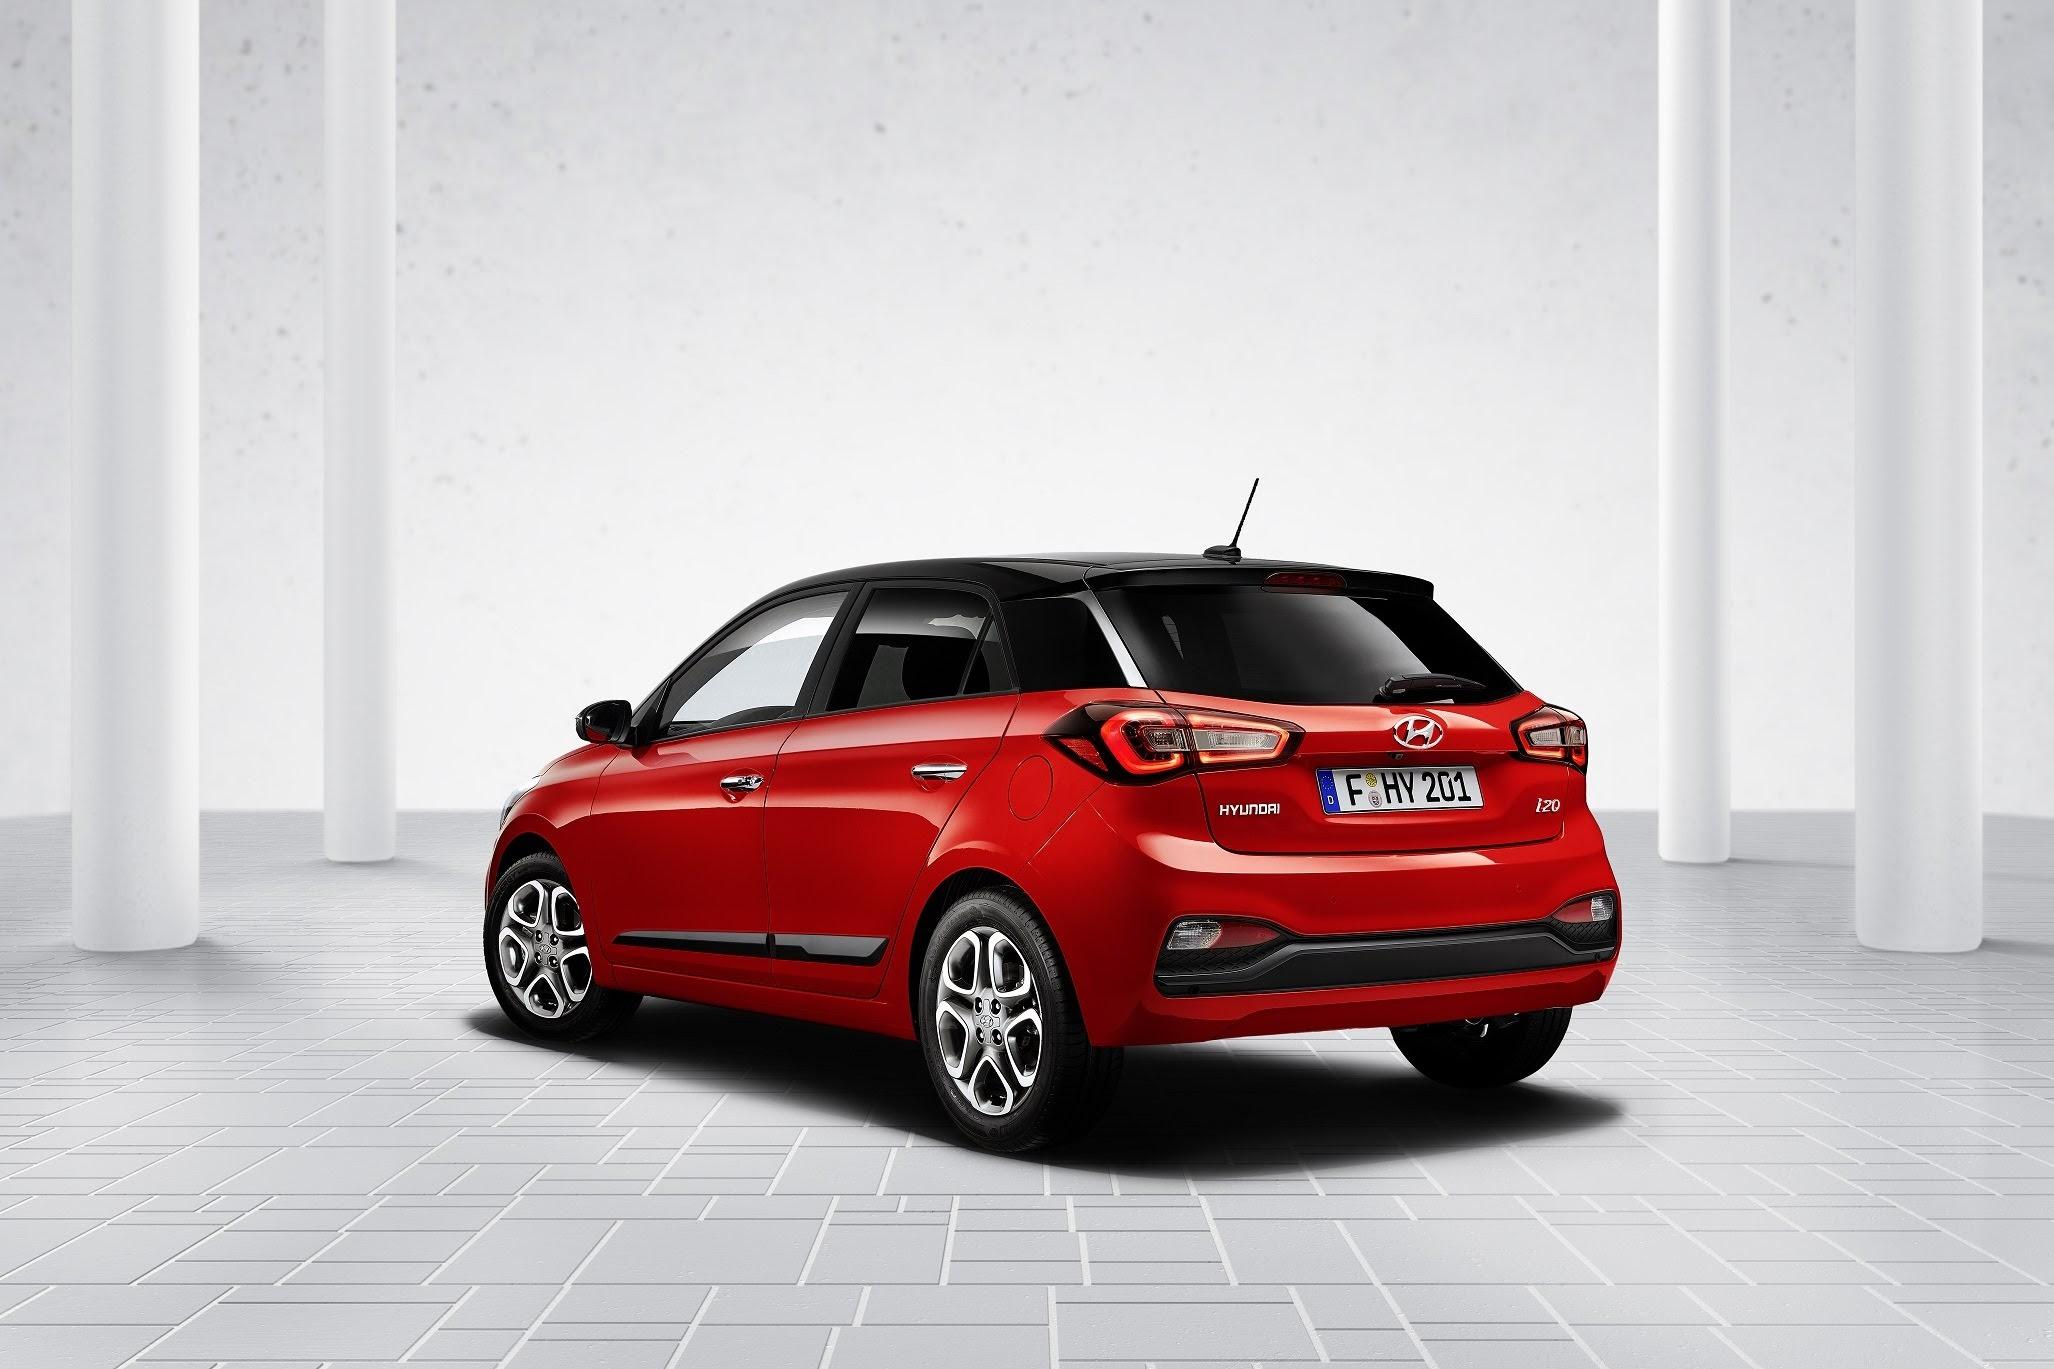 juKs2CCijUeIvfkkayIwBFeIsOkTC8Knq6OmC24ALNPoqL68j6lS2ySFDIdUe0niWQt9ZIGvOobxRre7cS2al7YOSj3kKIlXyq9rG57KnwSDCHMXwDuWbyHxMyydr5oOdGyAT4rGZA=w2400 - Hyundai renueva la gama i20